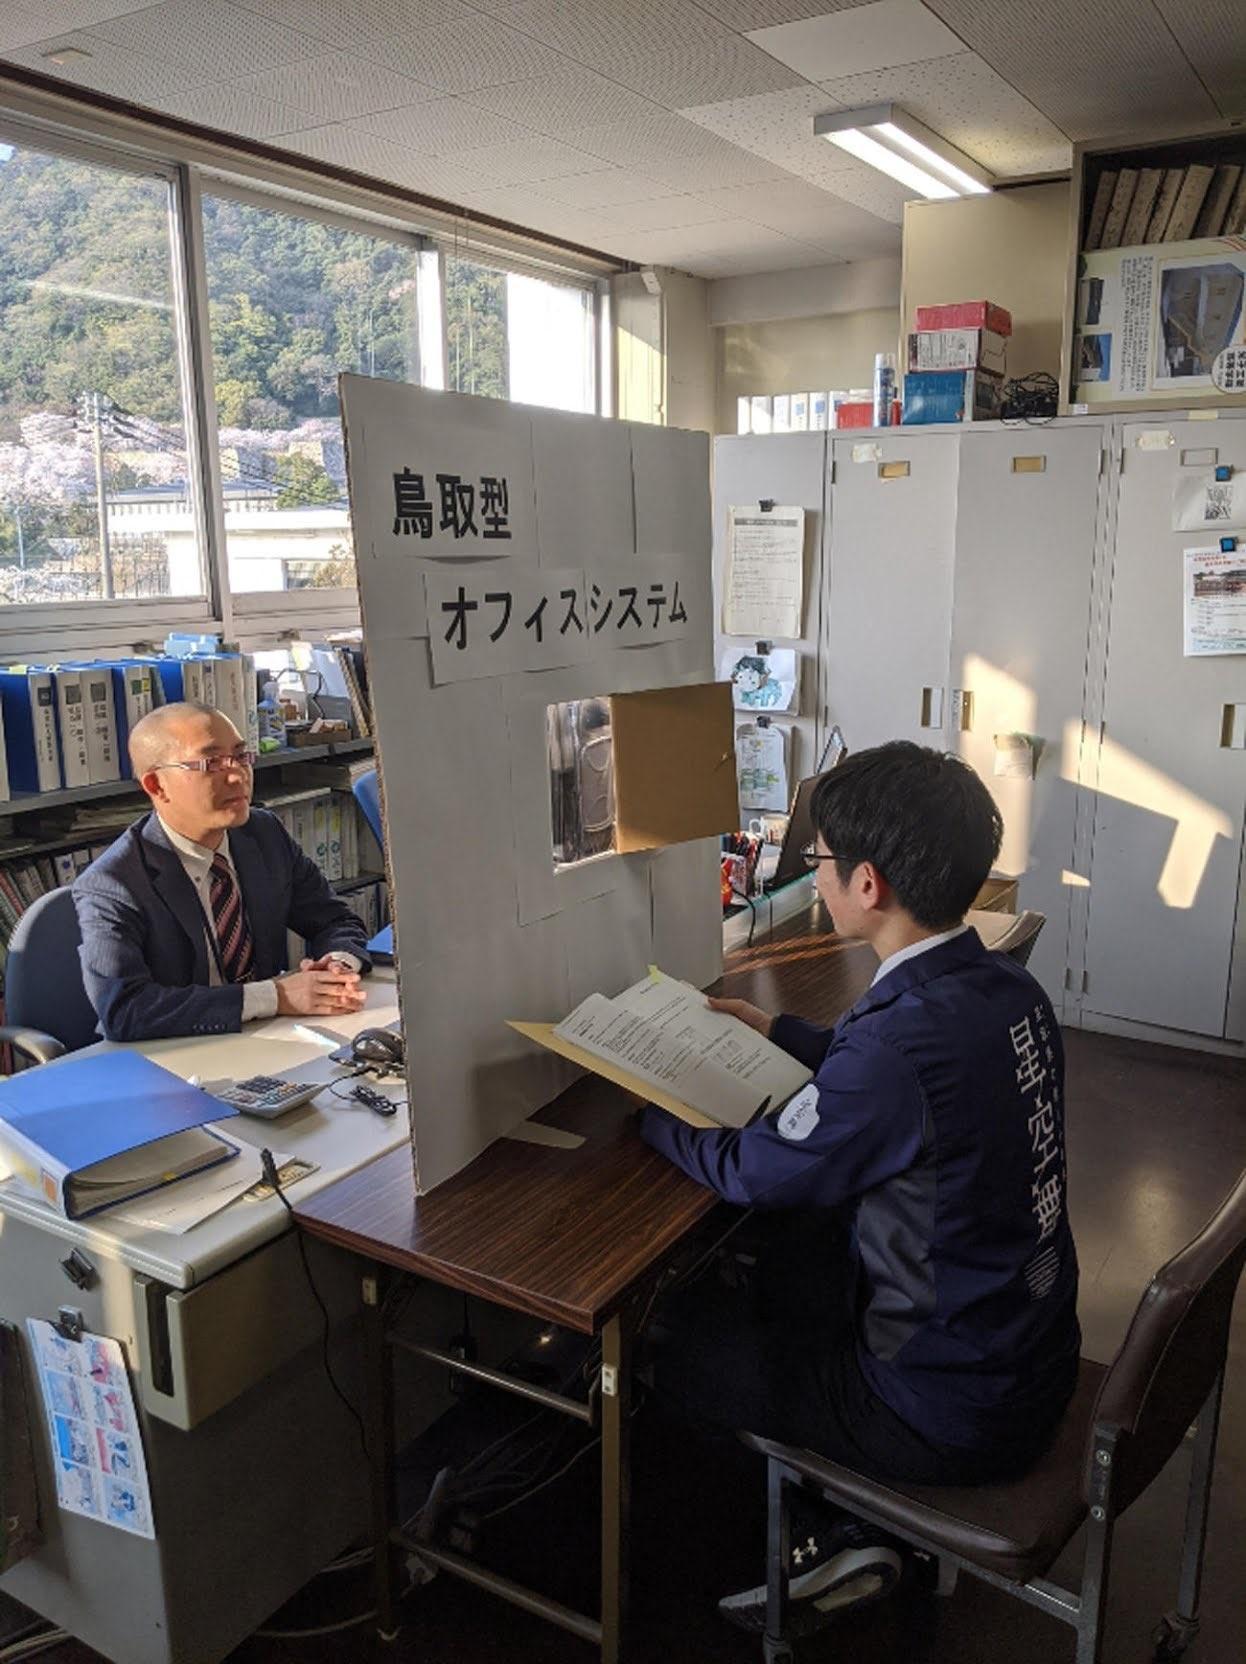 ▲▼鳥取型辦公室系統(圖/翻攝自日刊スポーツ・ロゴ)